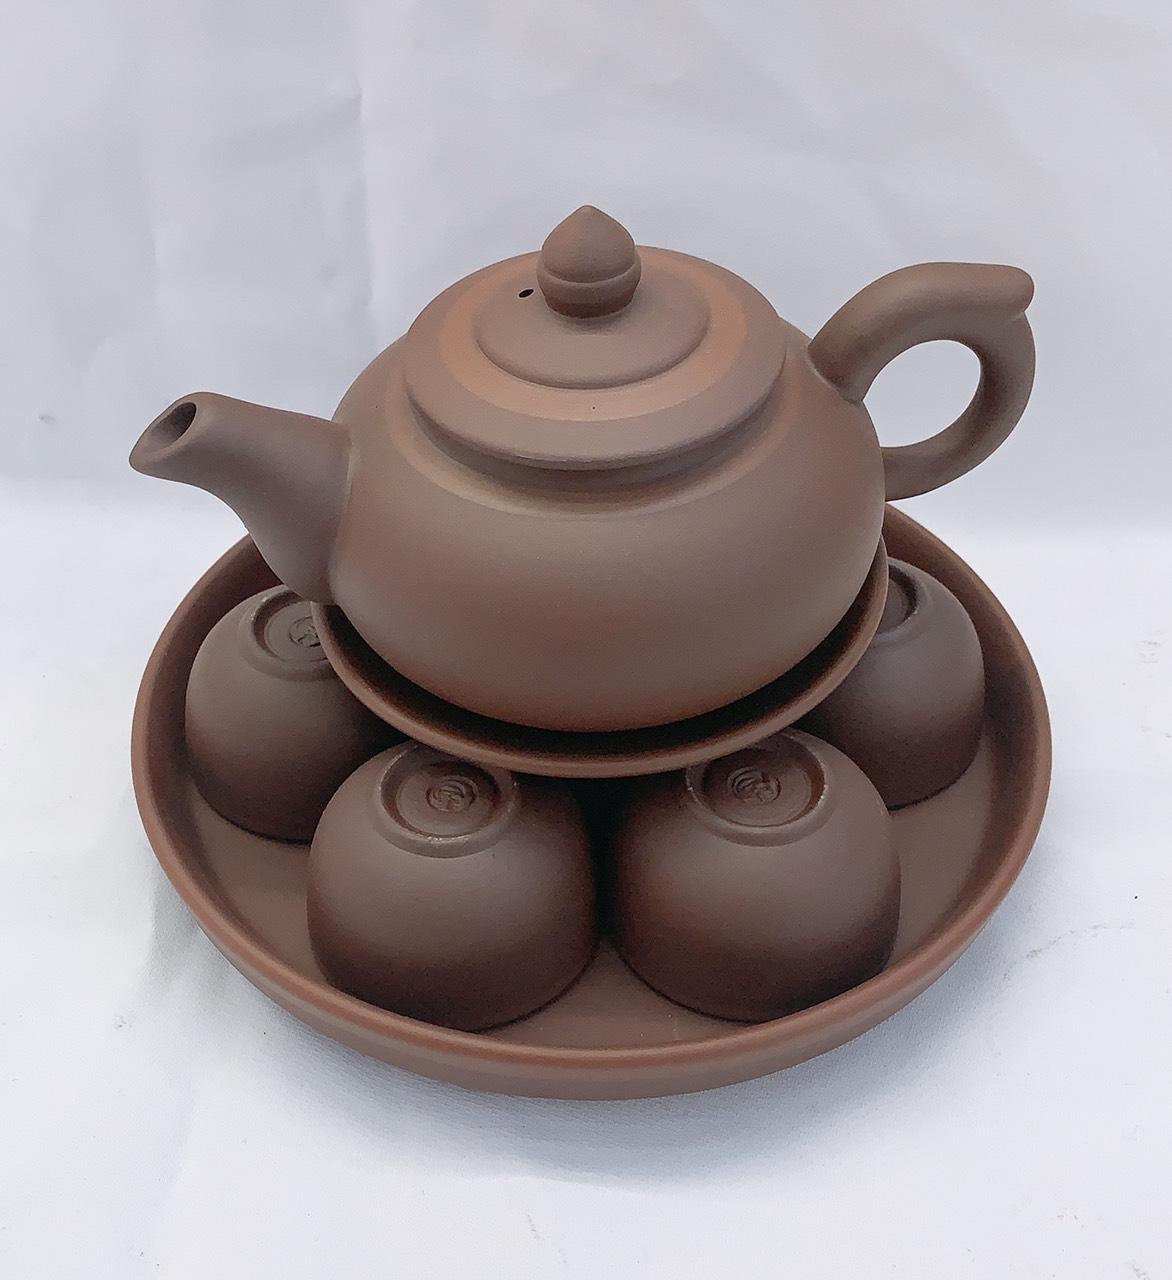 Bộ ấm chén pha trà khèm khay sứ pha trà truyền thống - ANTH688